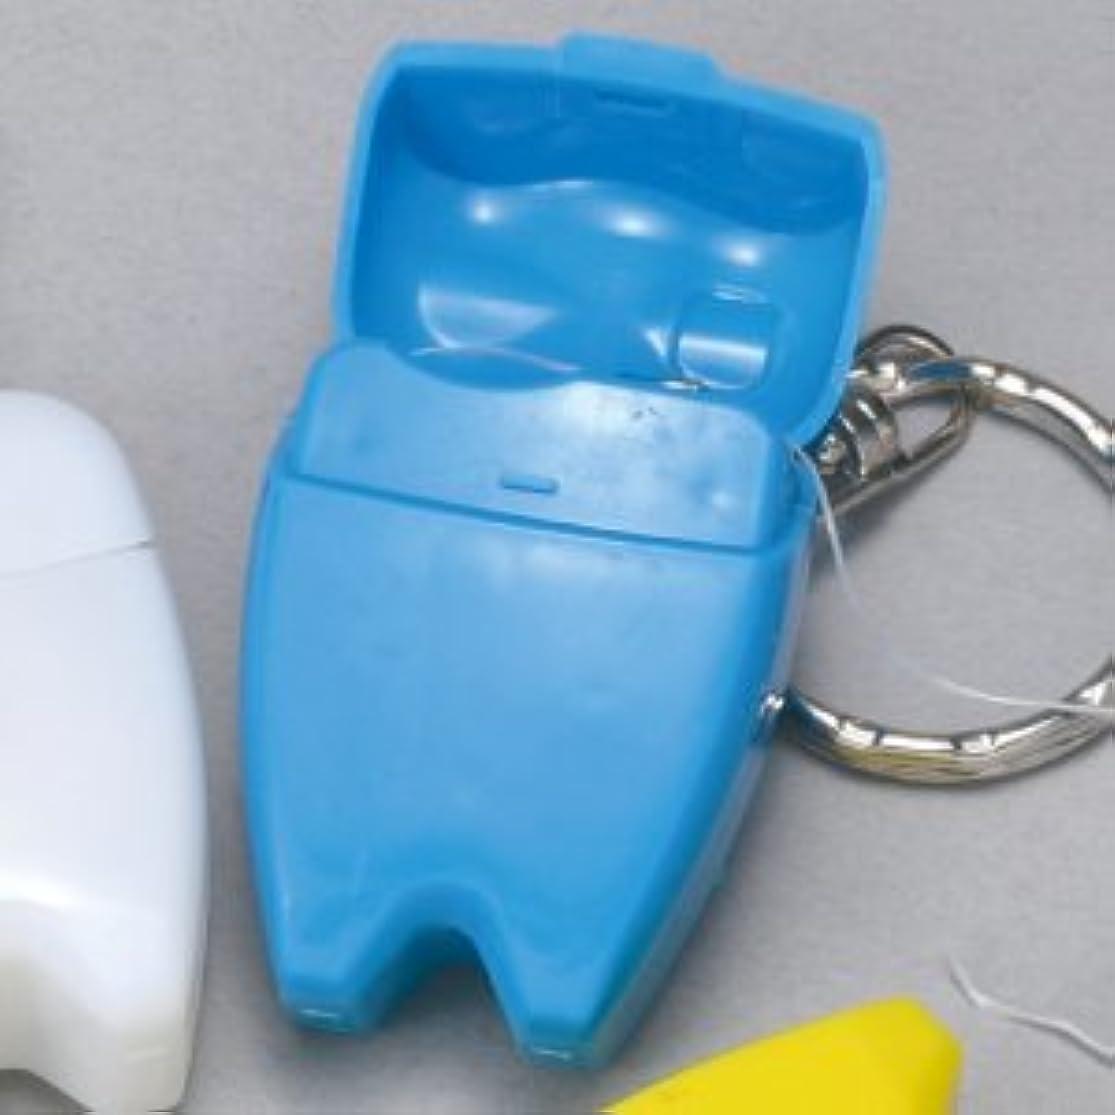 透明にホップニッケル歯型デンタルフロス キーホルダー ブルー 1個※実際の商品は写真よりも濃い青です